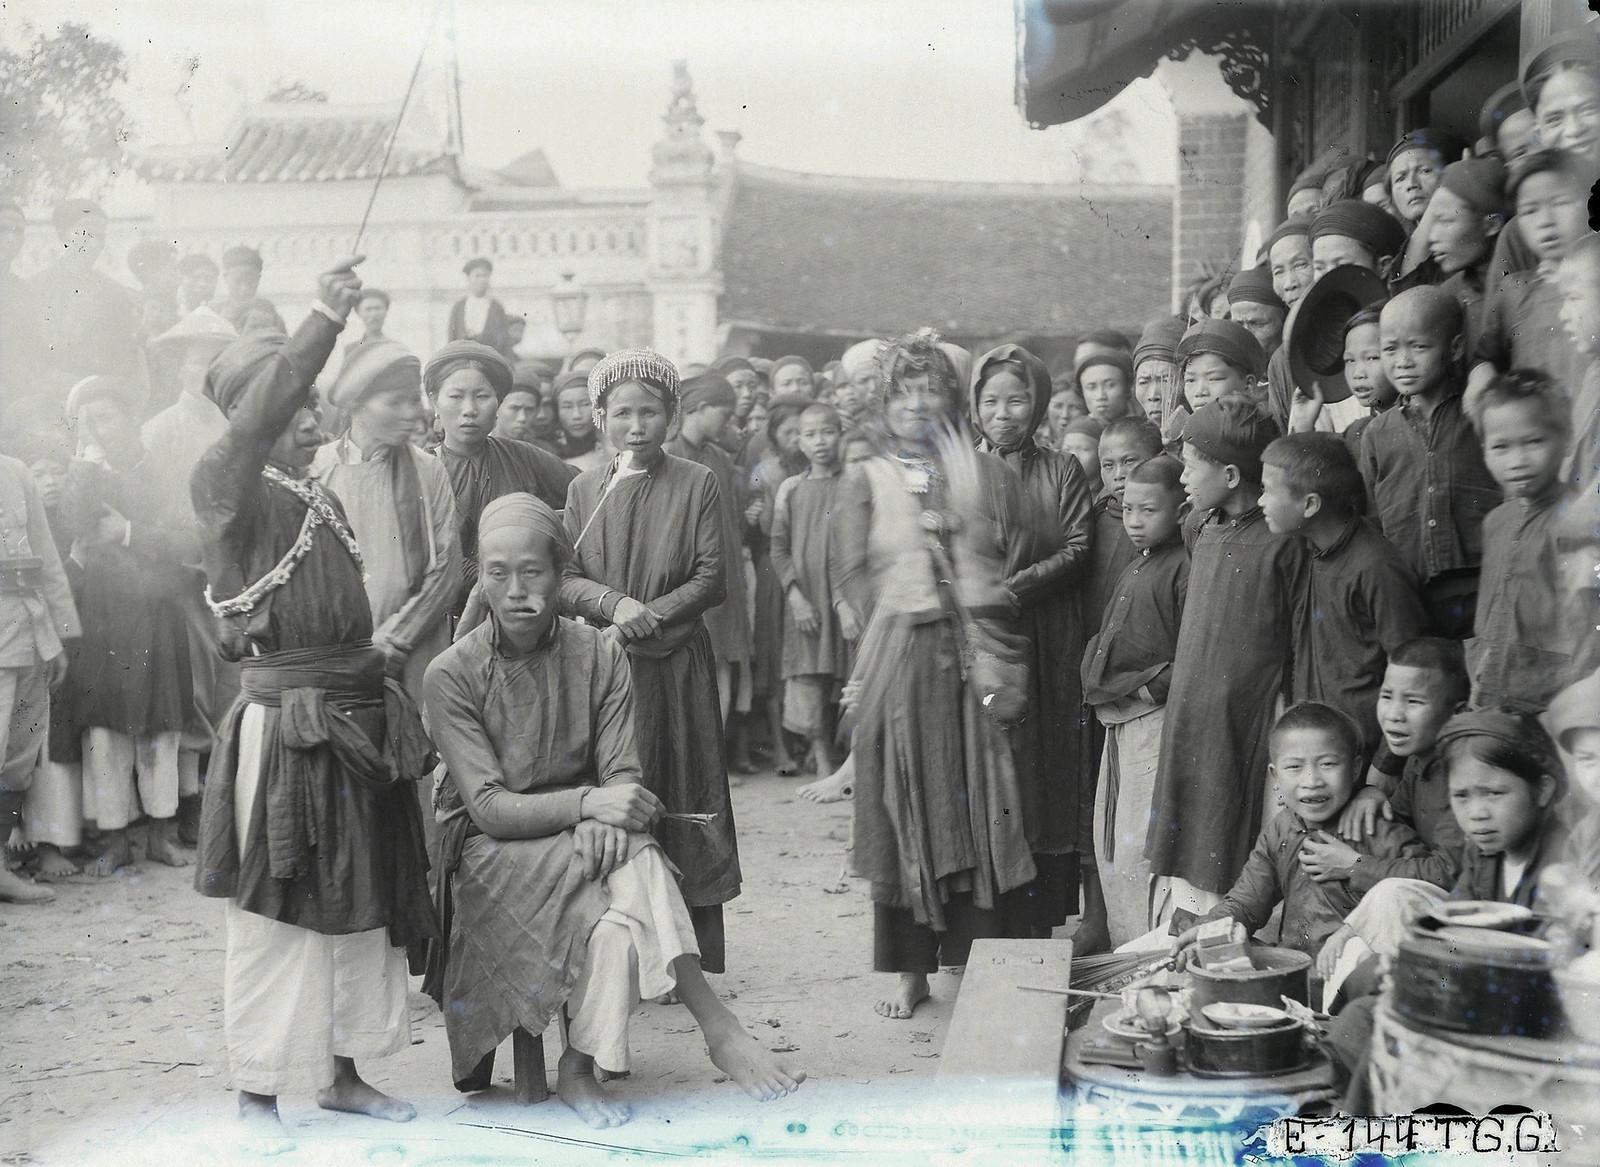 Chùm ảnh: Lễ hội Phủ Giày ở Nam Định thập niên 1920